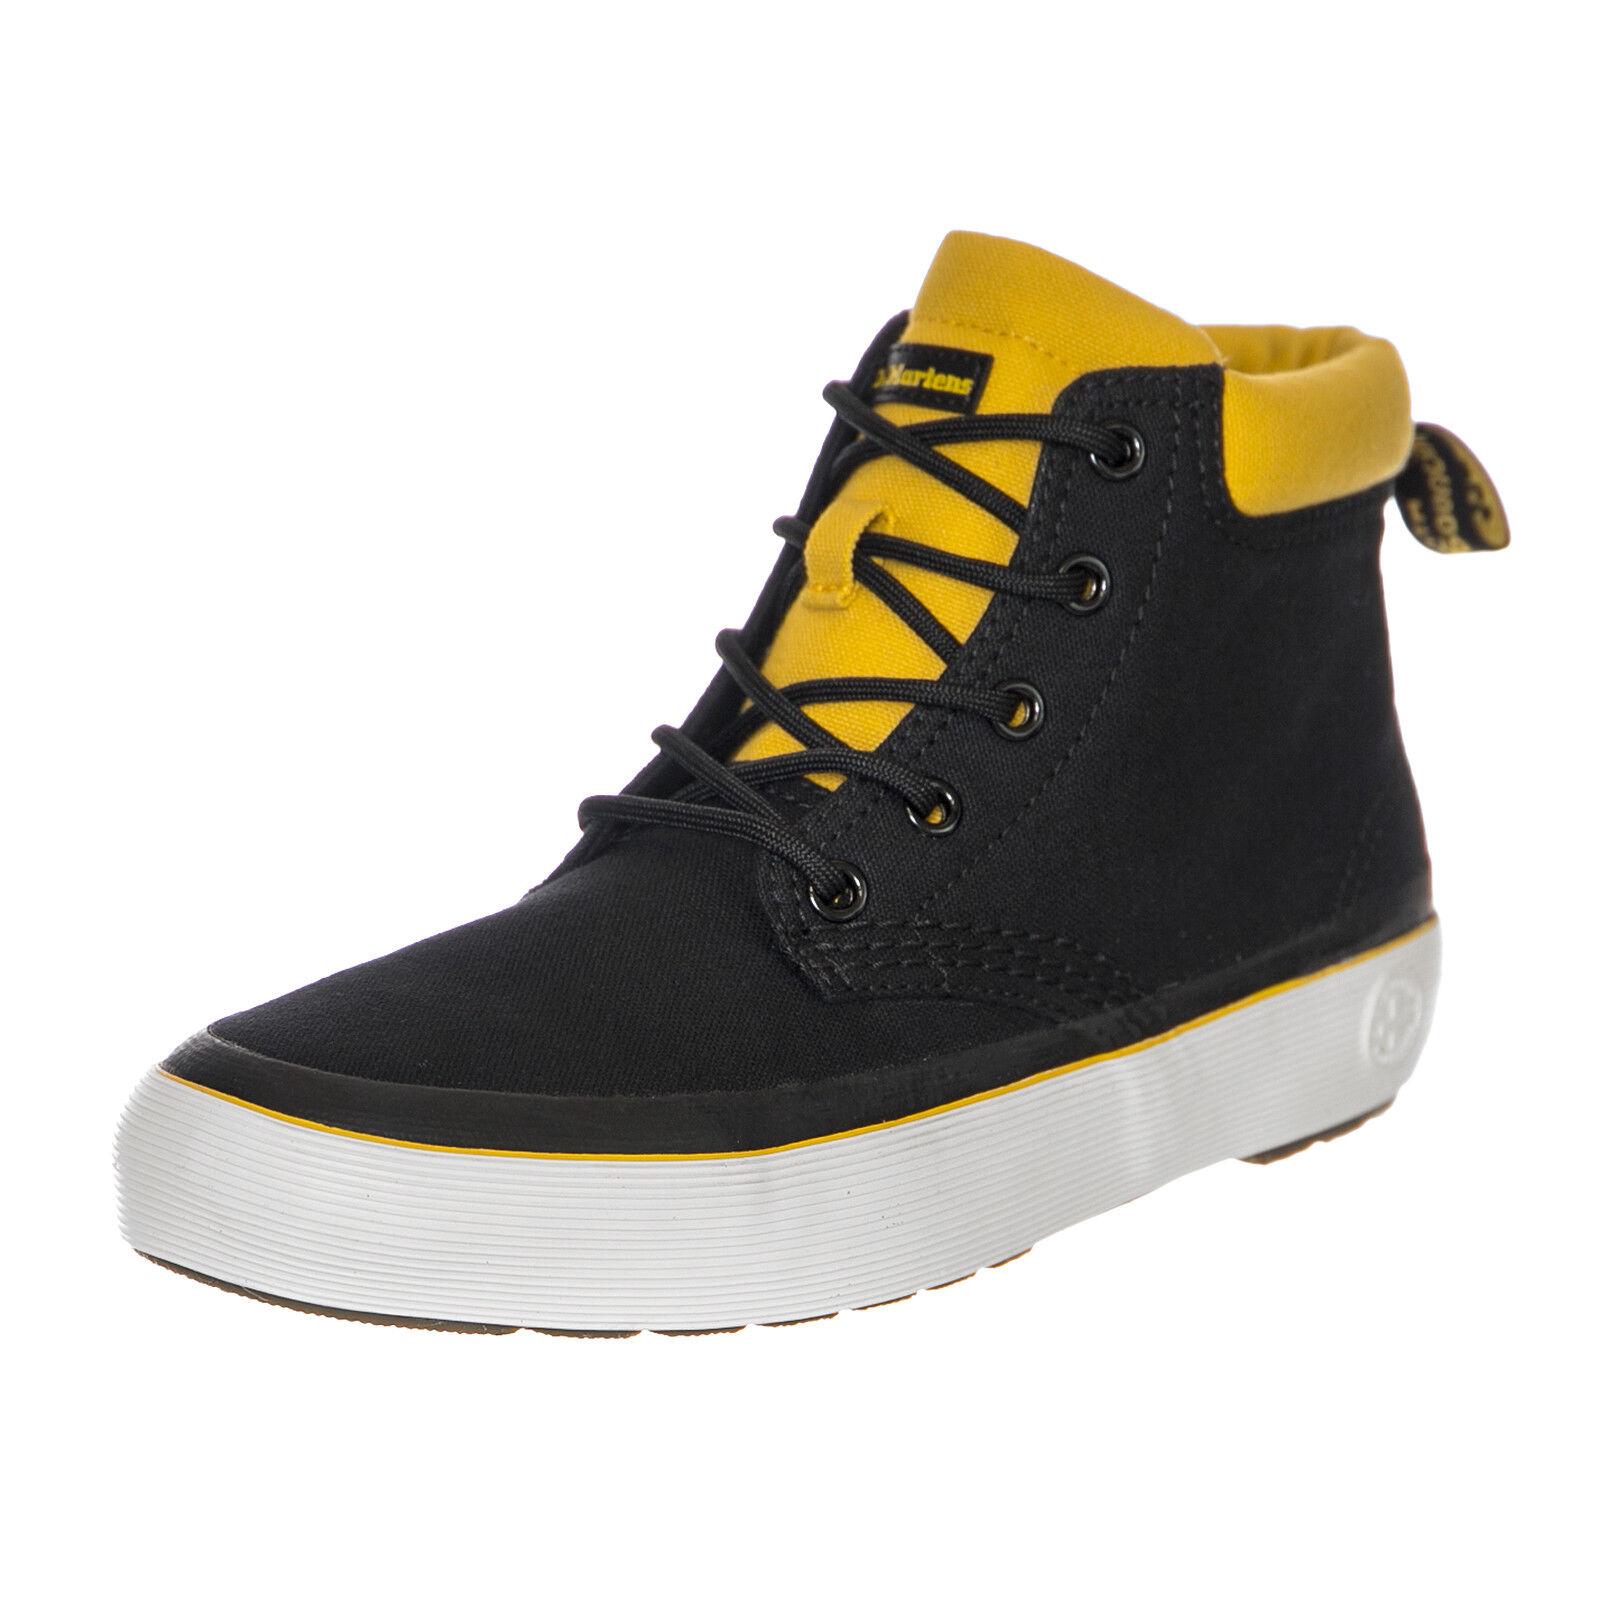 Tienda 2018 Dr.Martens zapatillas Allana negro negro negro  amarillo Canvas negro  caliente